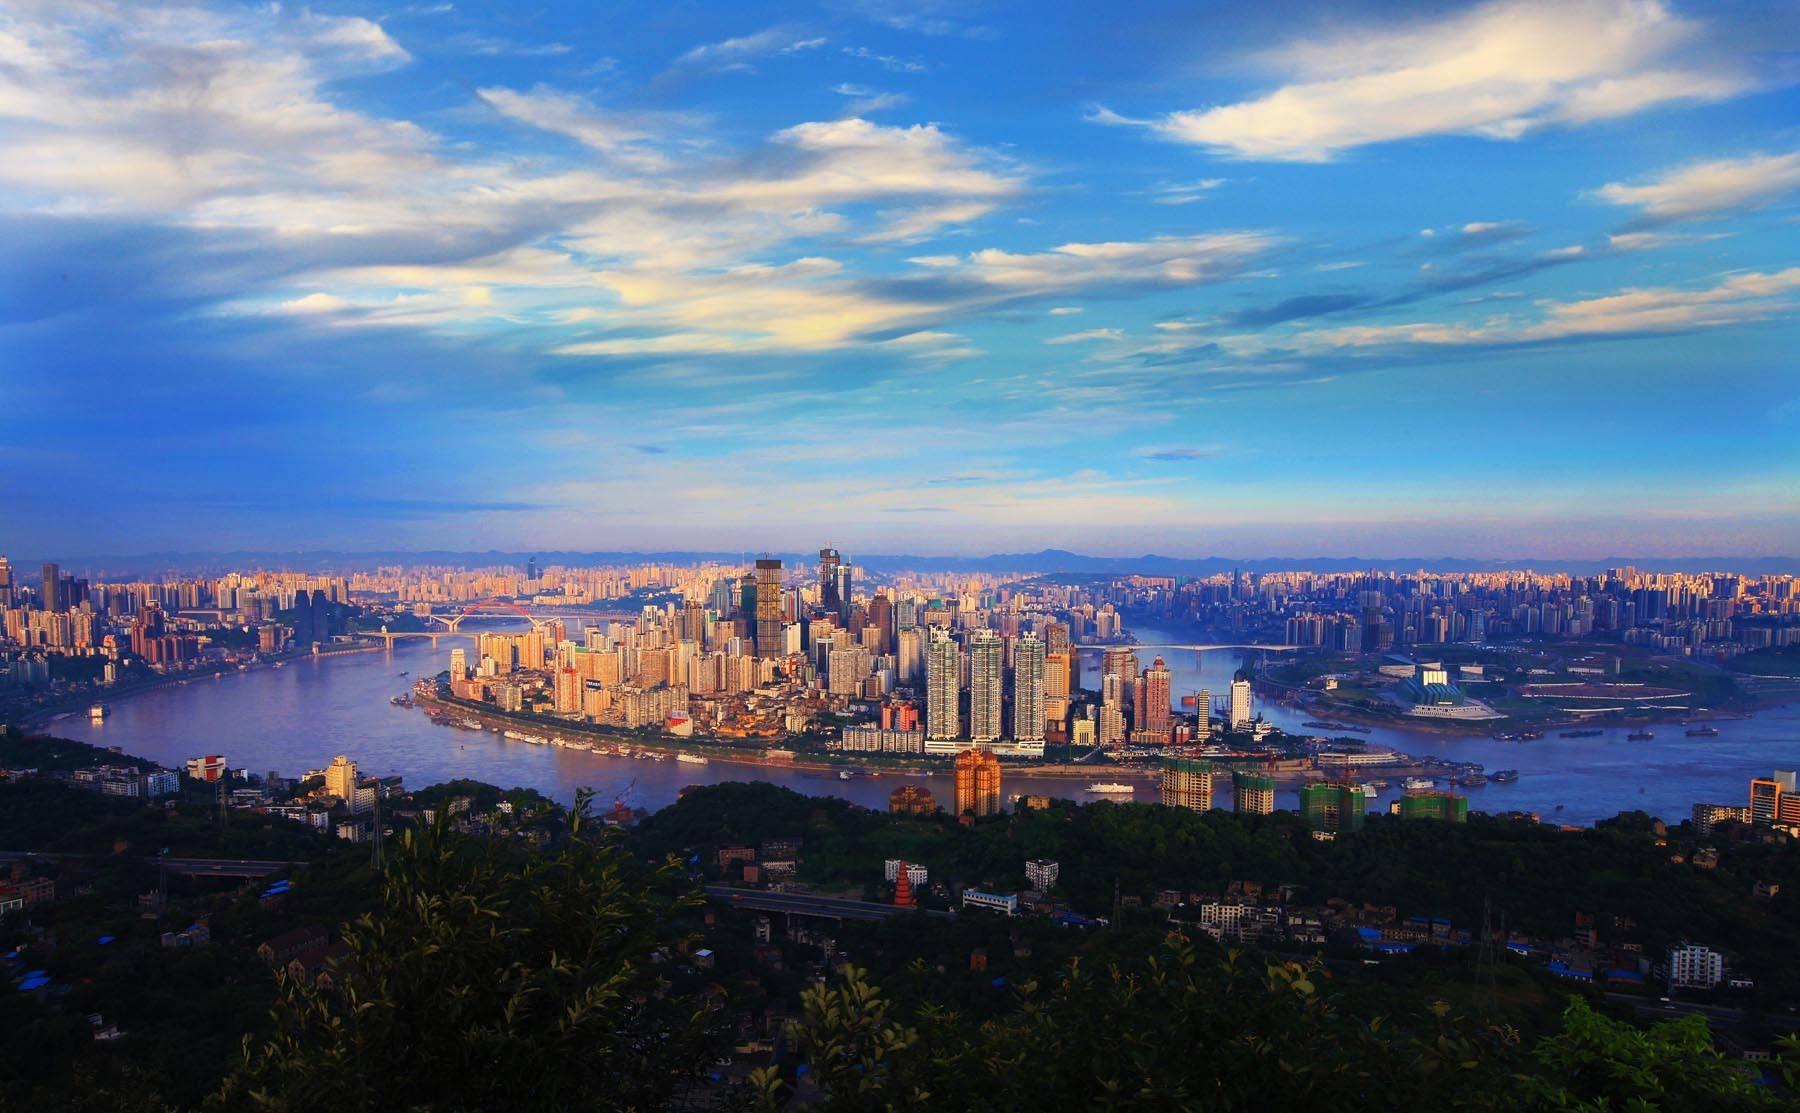 2020年6月重慶各區房價排行榜,渝中區房價小幅度下跌